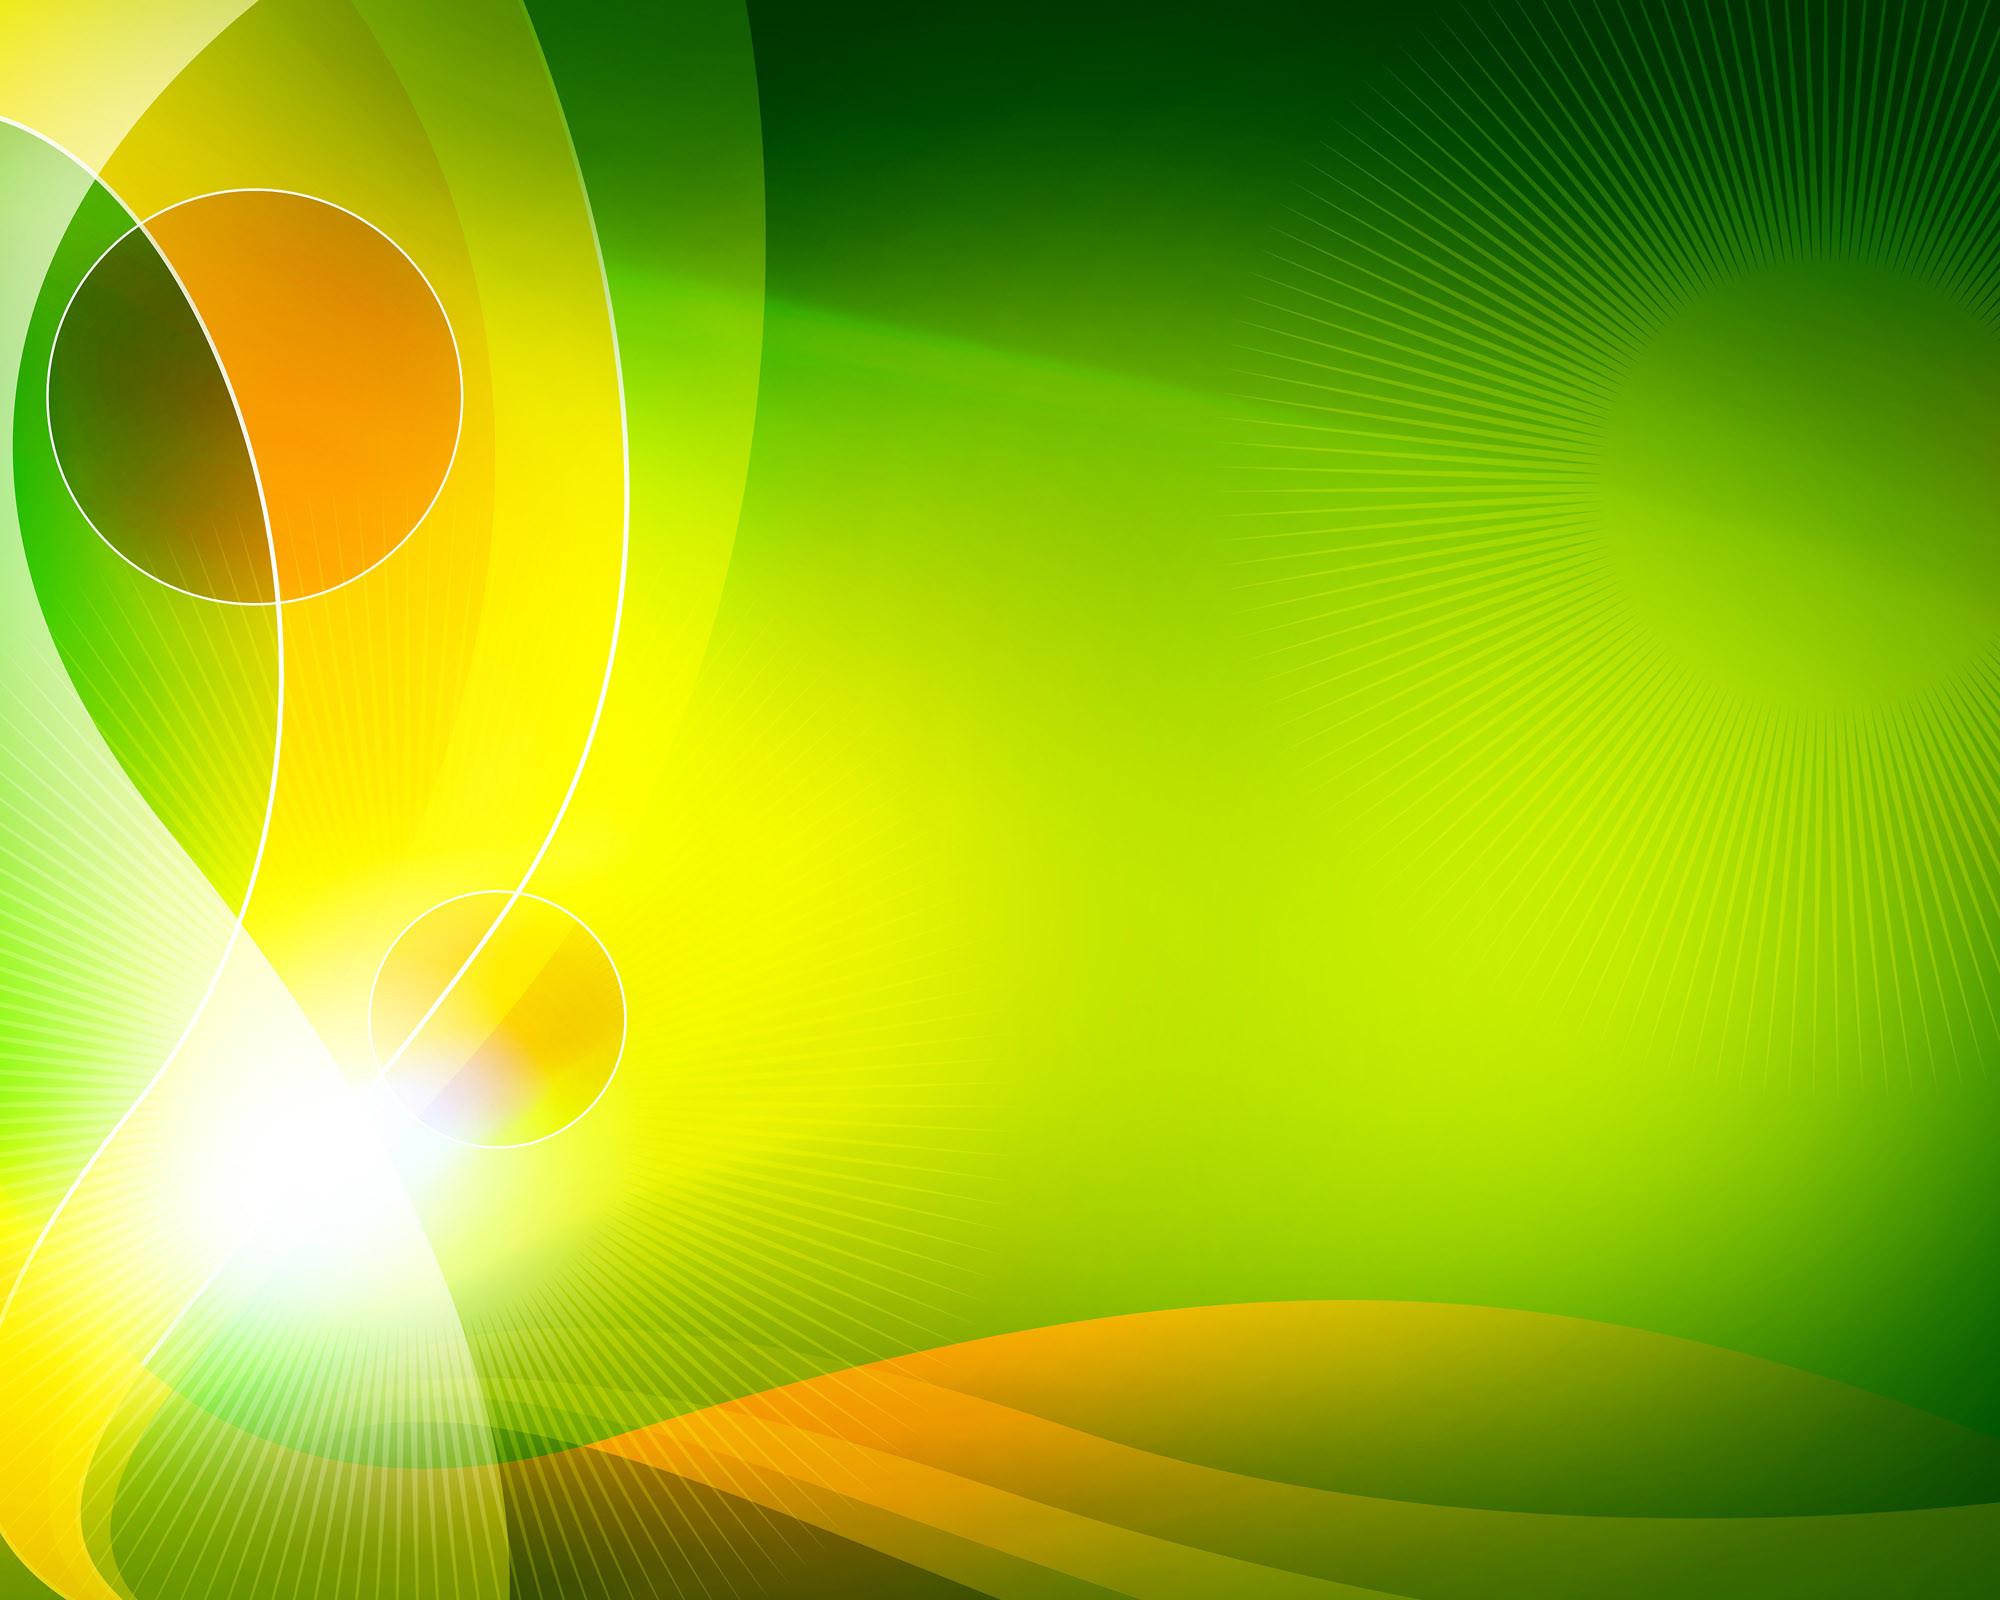 Best High Resolution Backgrounds Green